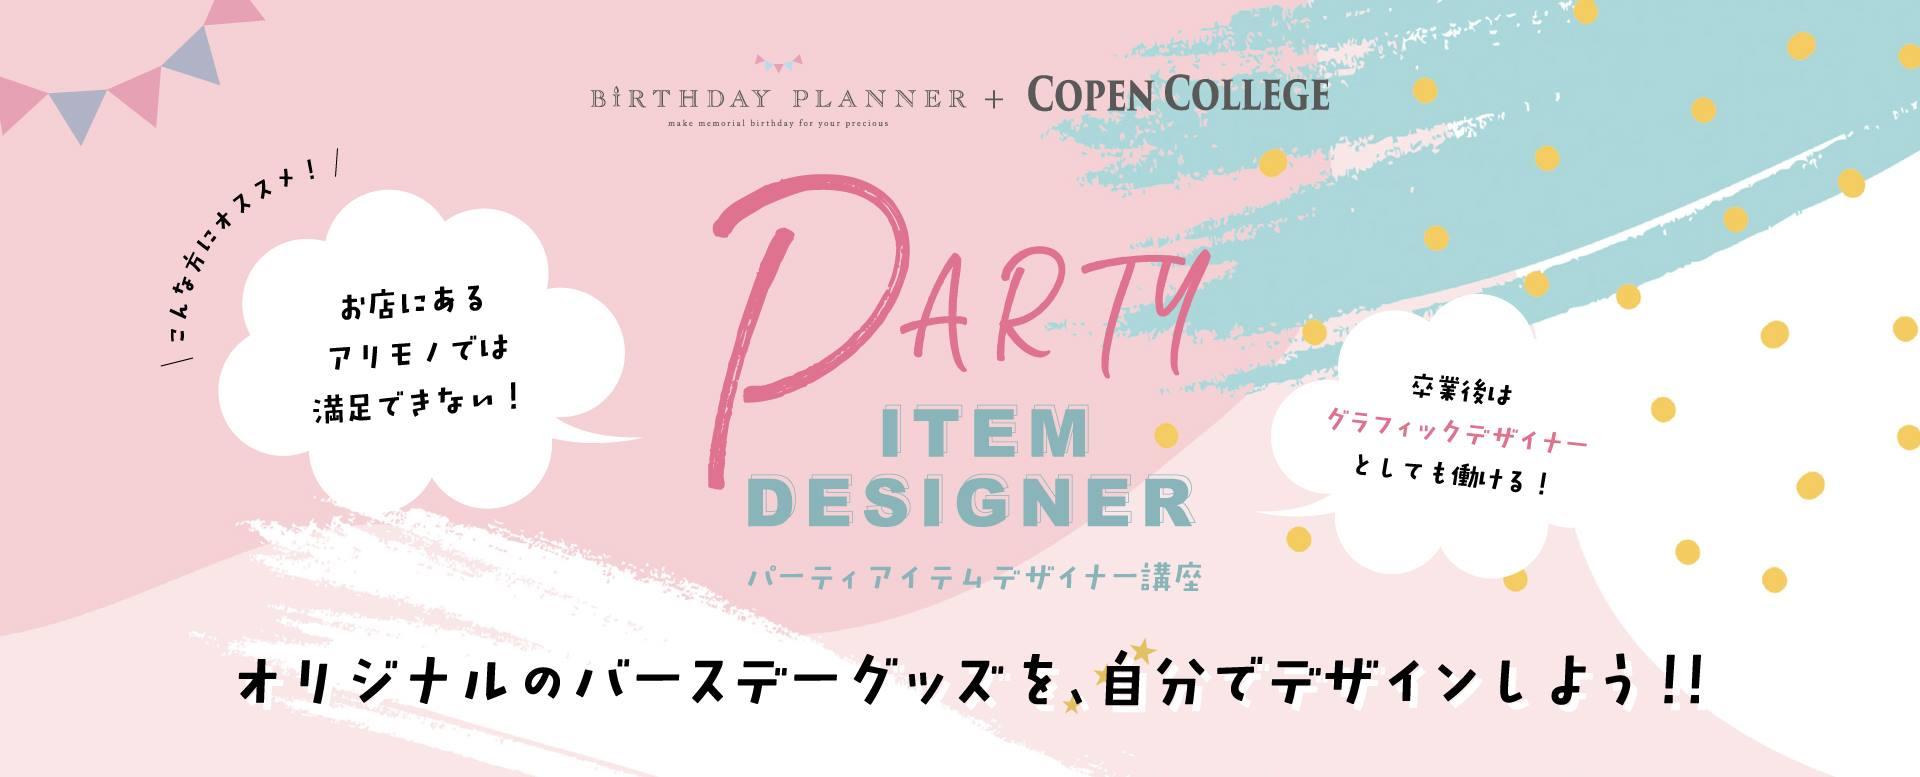 パーティーアイテムデザイナー